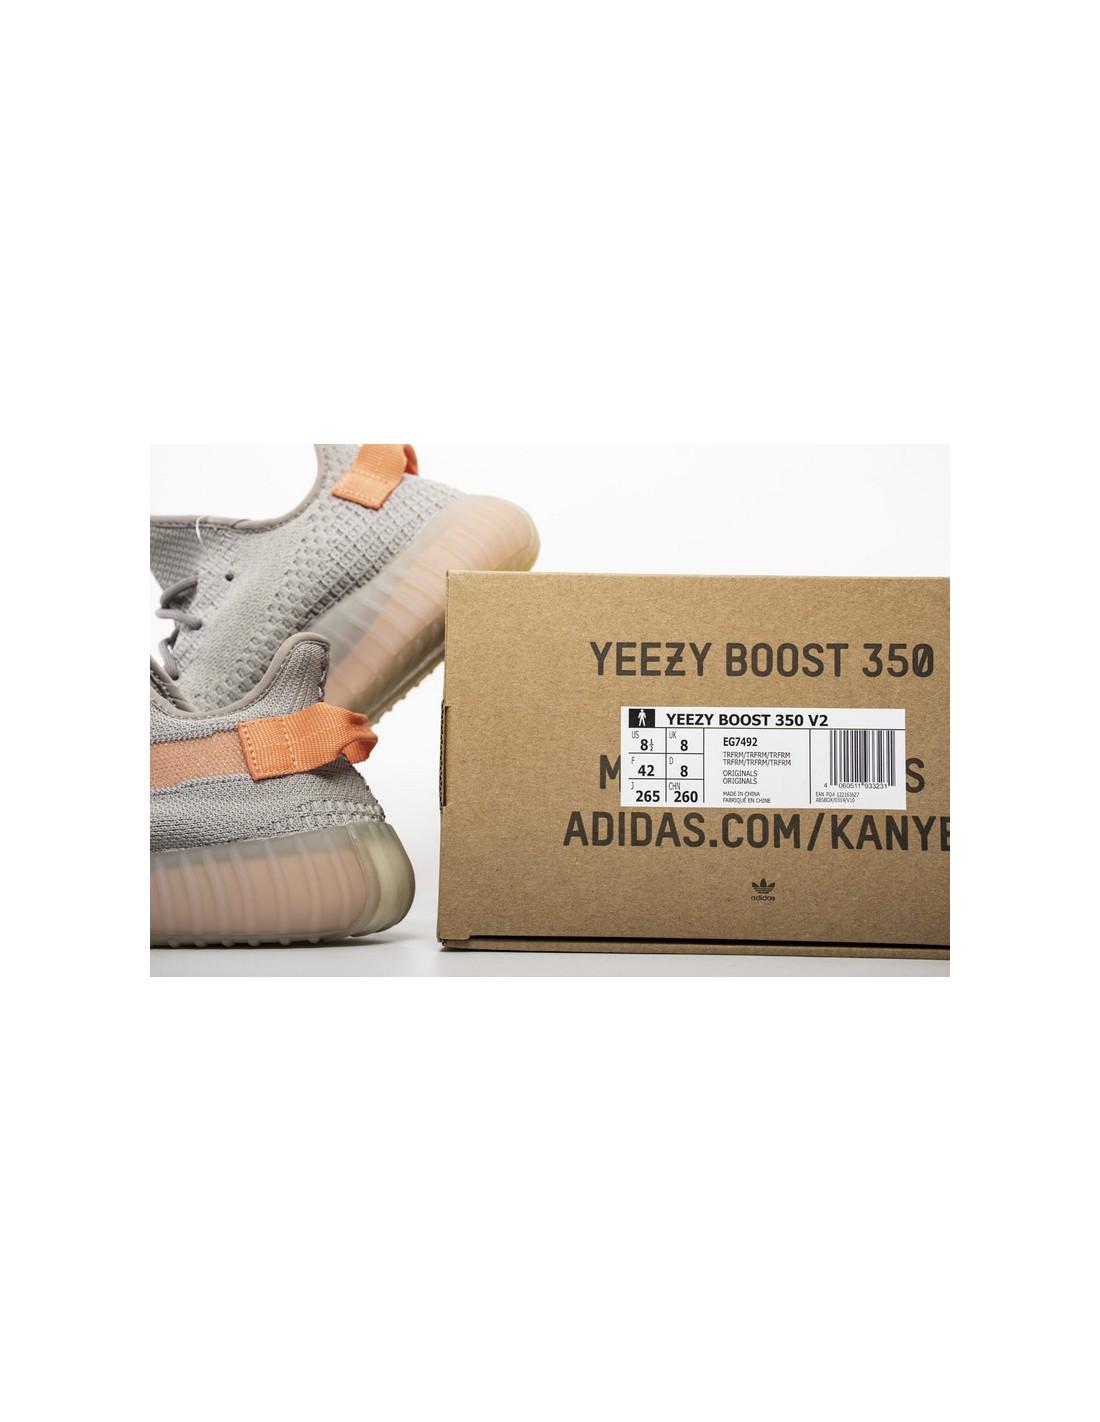 adidas (Adidas) YEEZY BOOST 350 V2 TRUE FORM EG7492 EU